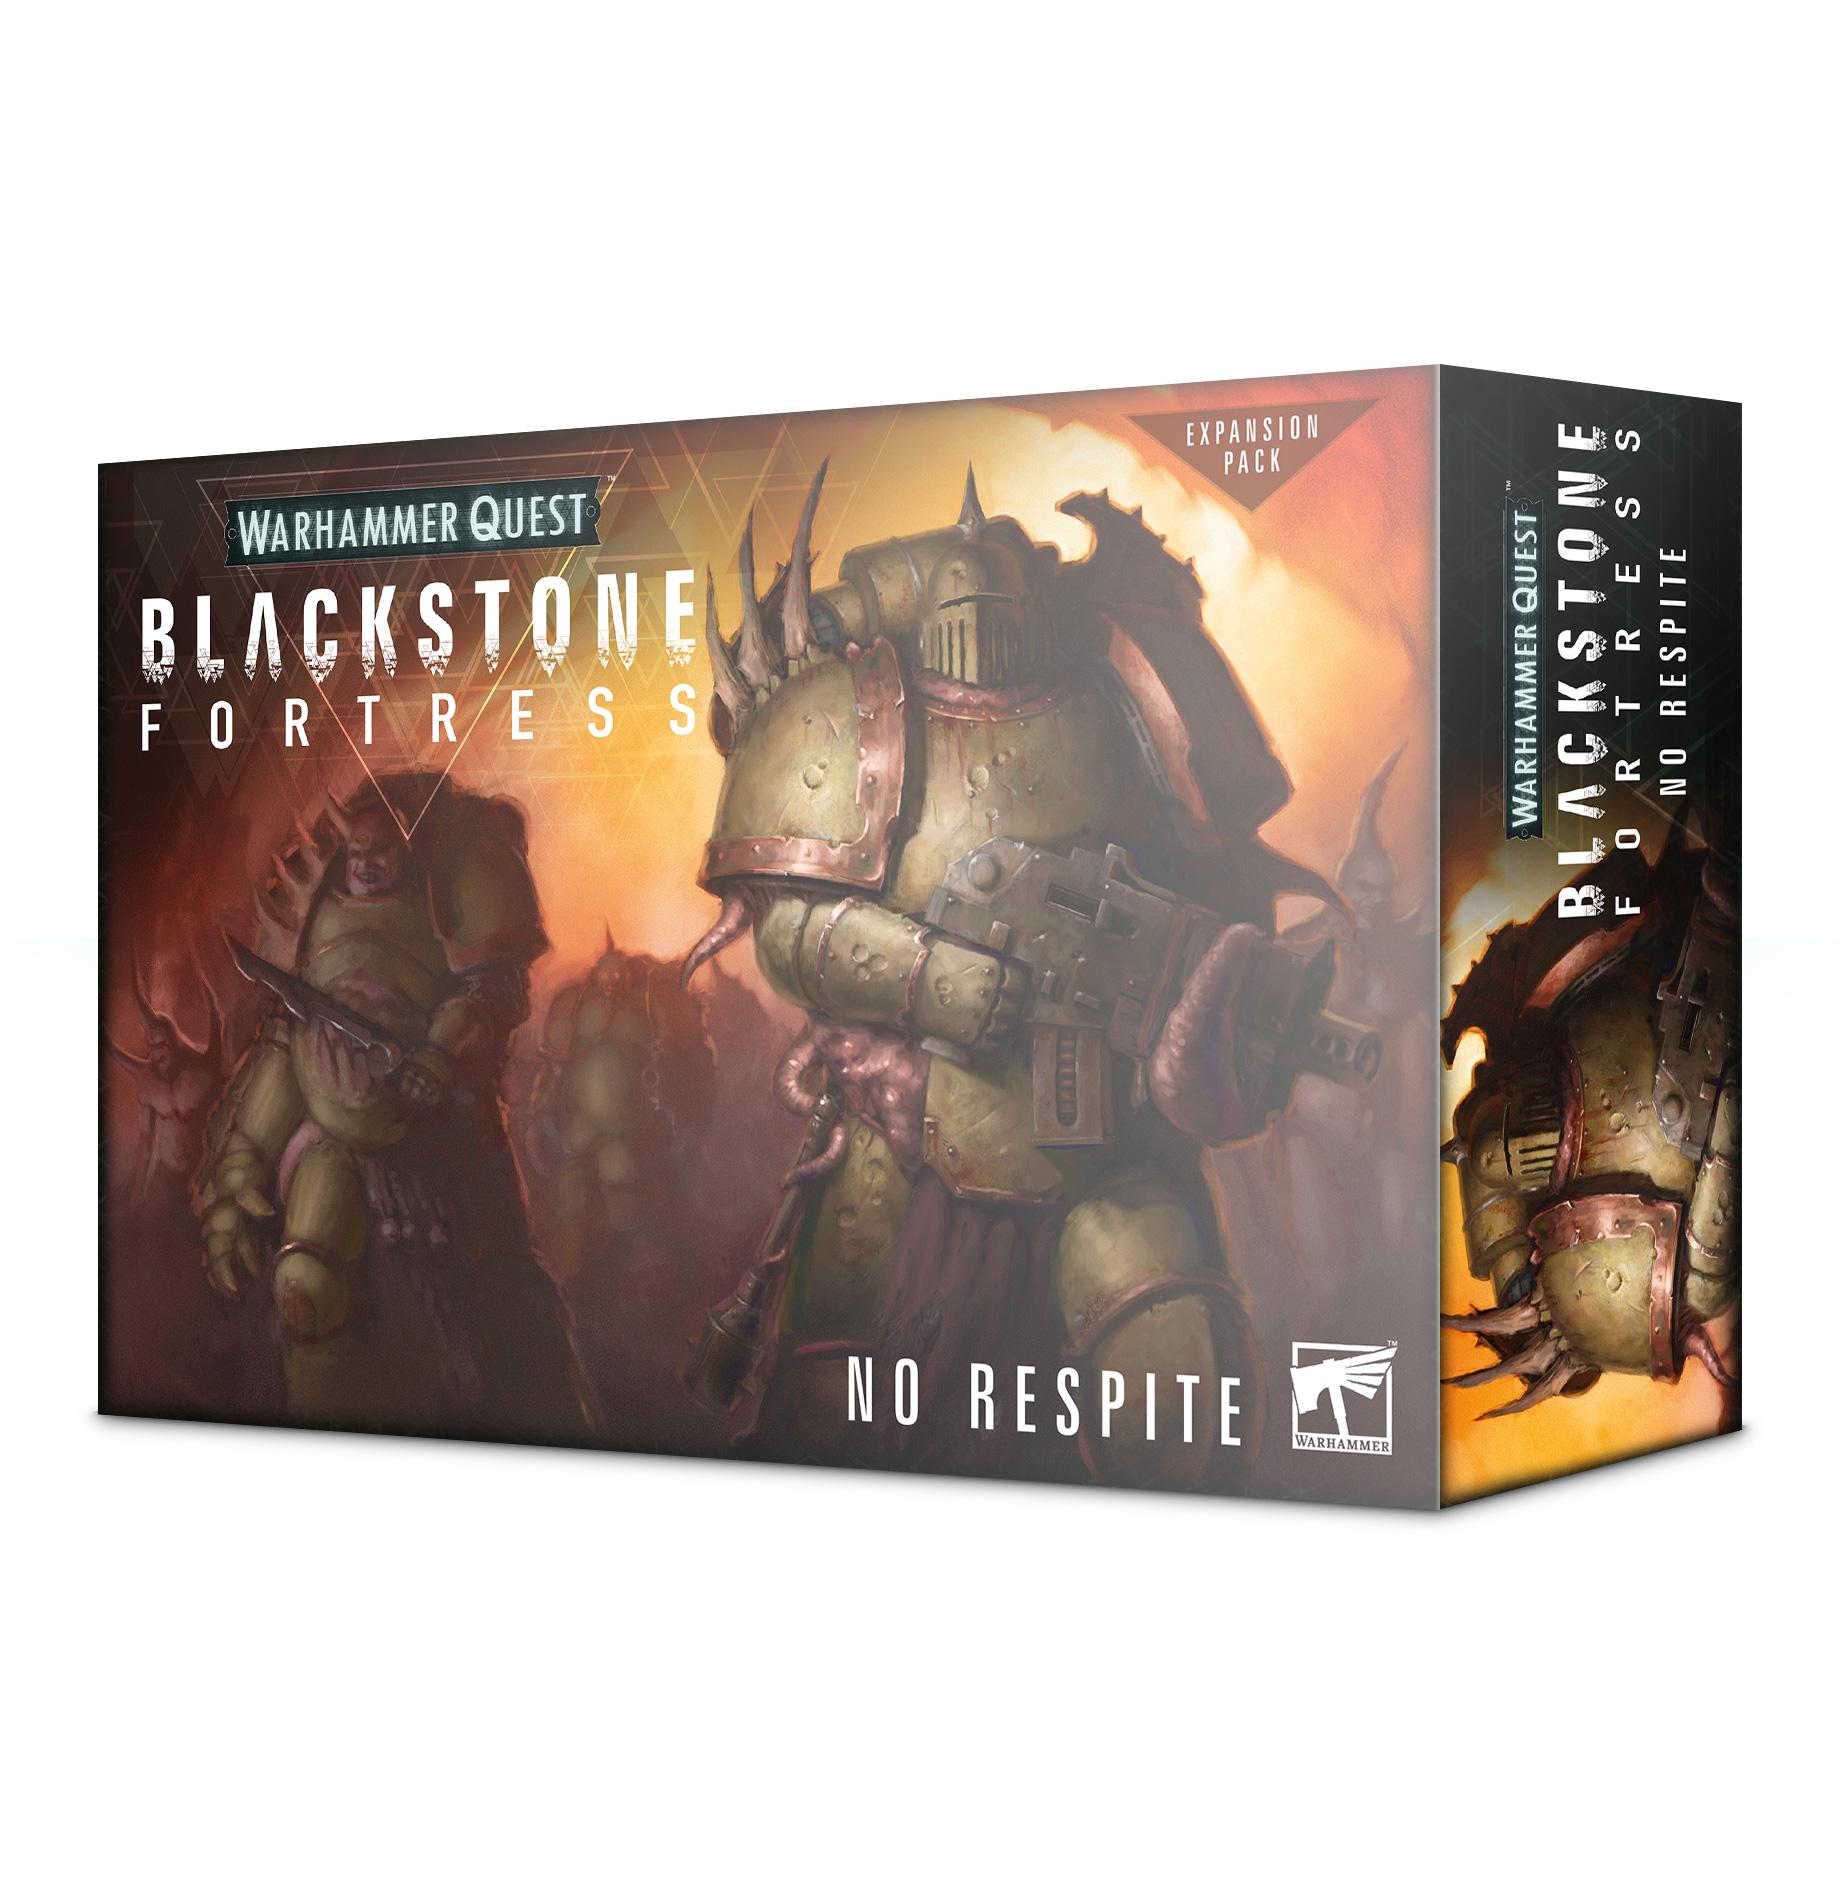 No Respite, Blackstone Fortress